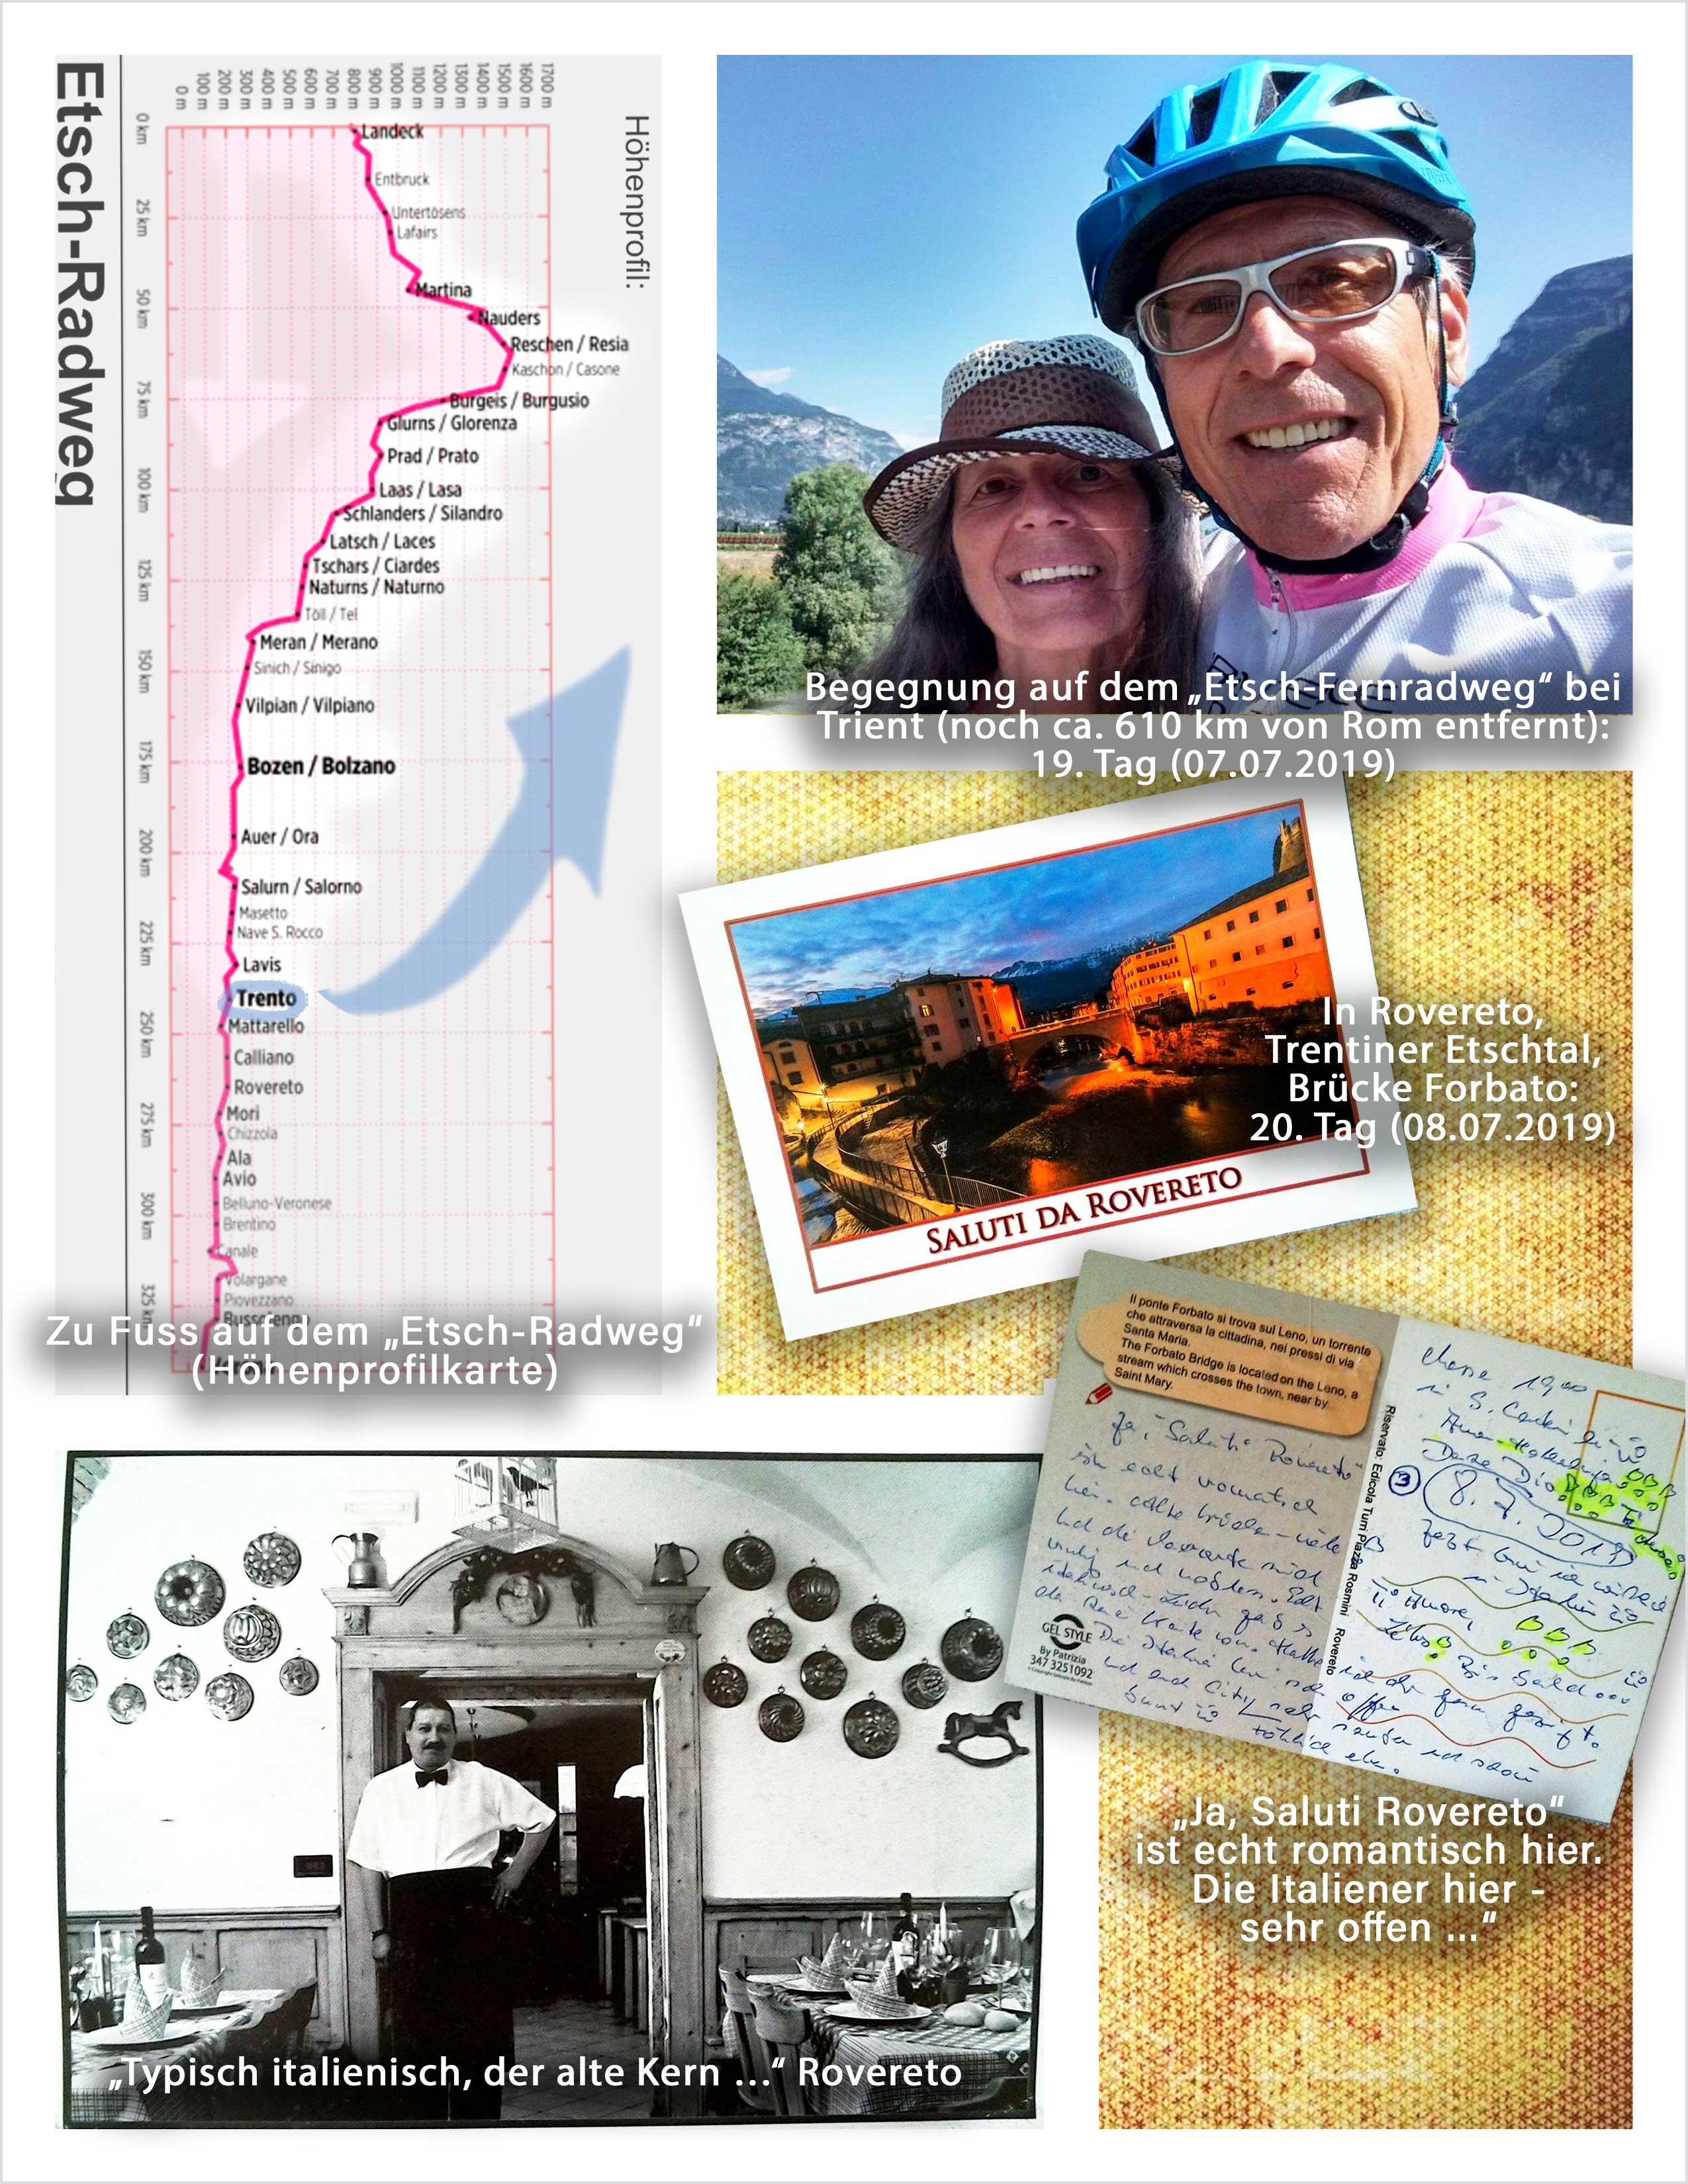 etschradweg-rovereto-zweite-pilgerreise-zu-fuss-nach-rom